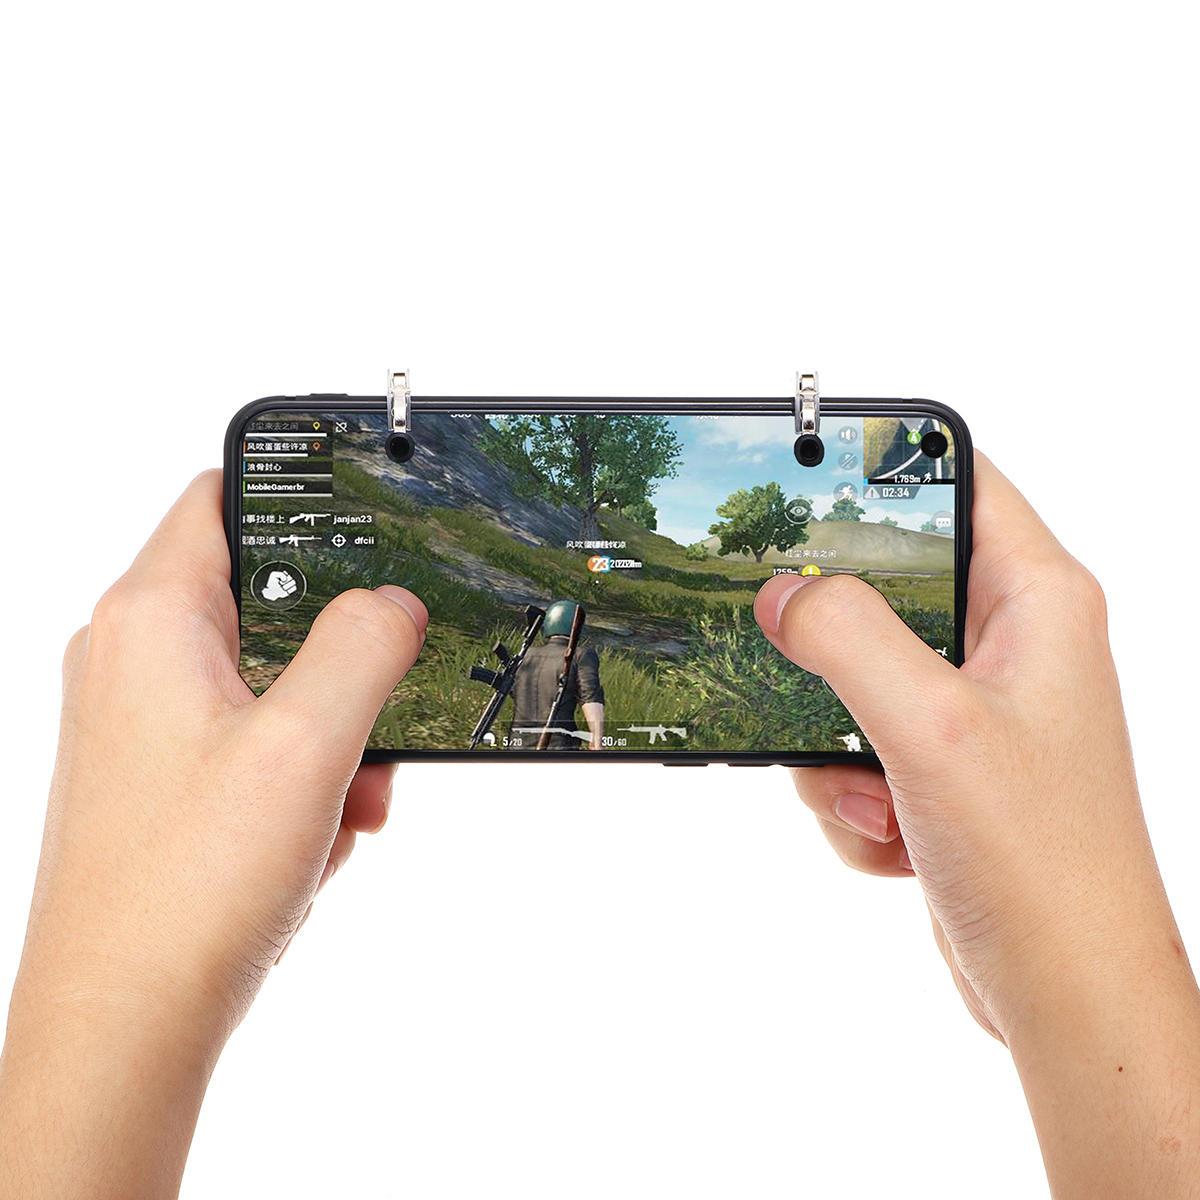 iPhone Androidのスマートフォン用のPUBGモバイルゲーム用のジョイスティックシューターボタン火災トリガーゲームコントローラ